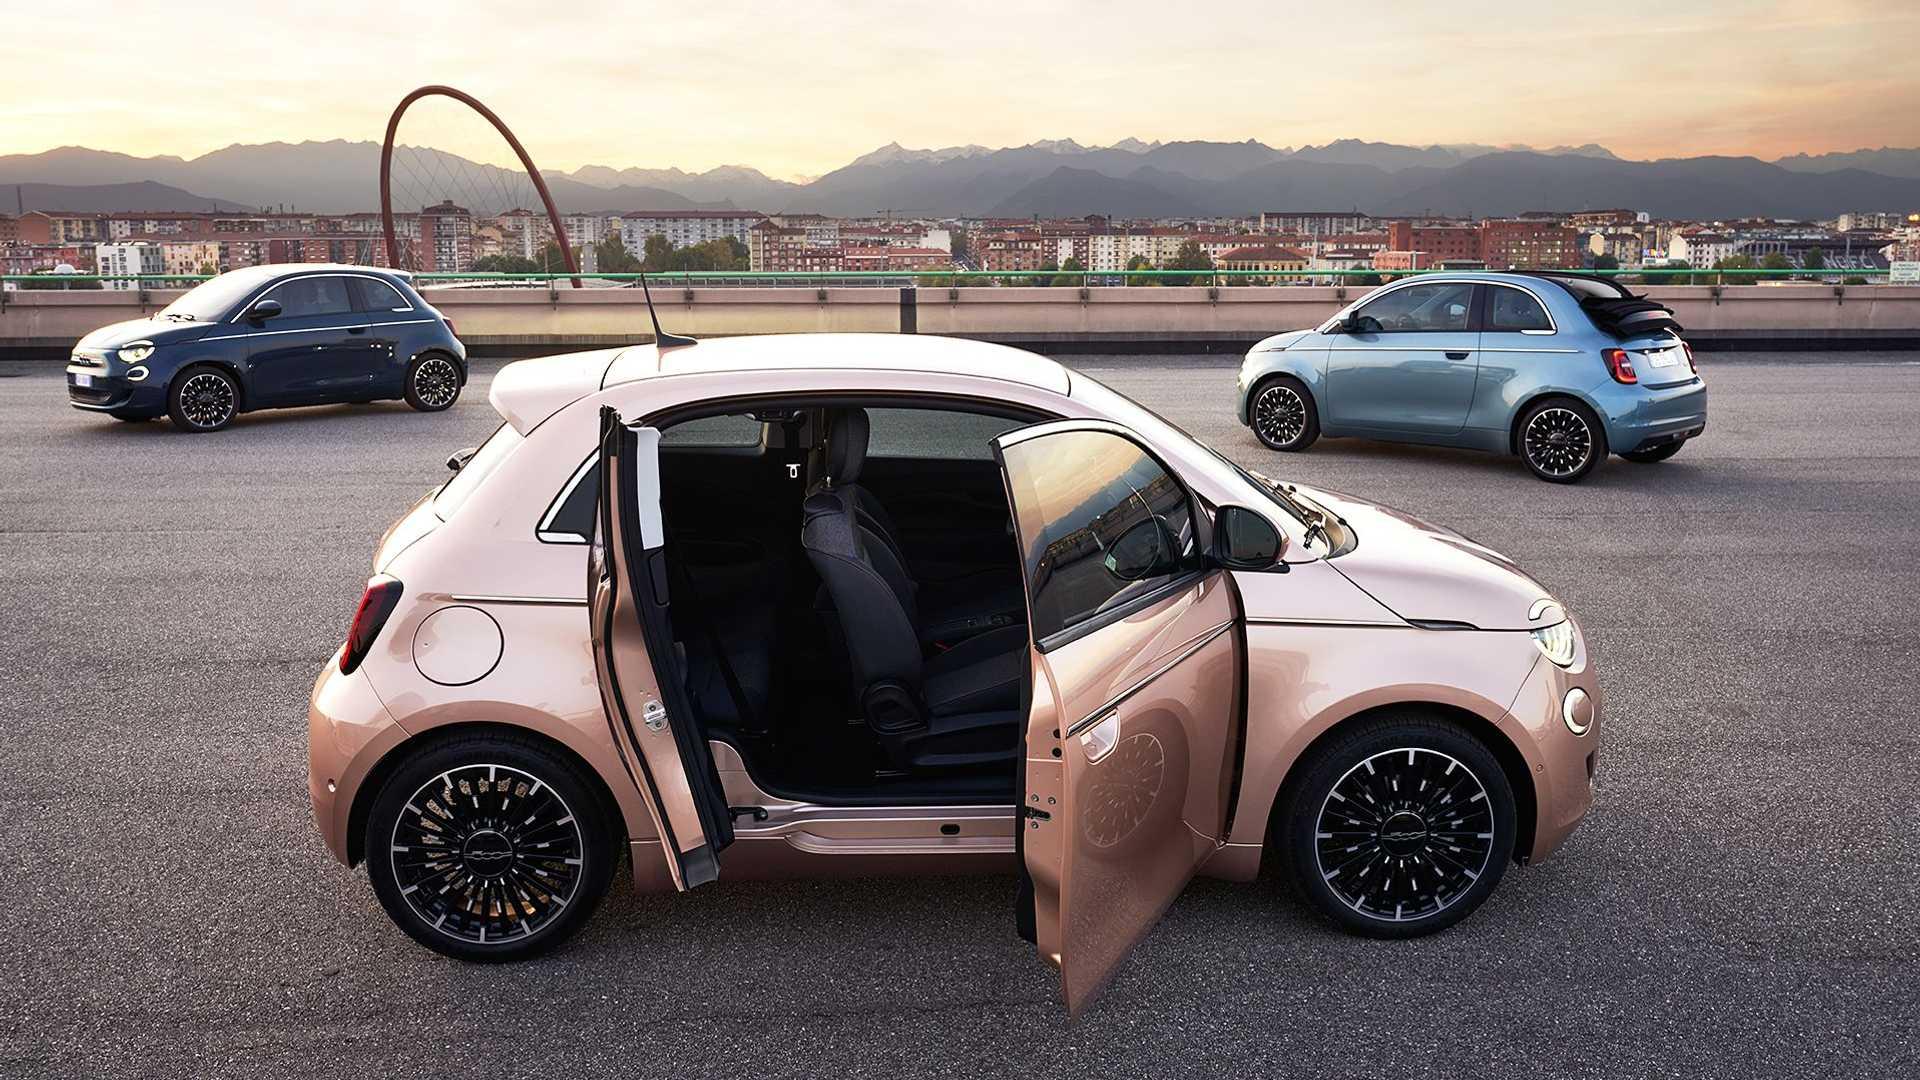 La gama de FIAT será 100% eléctrica en el año 2030